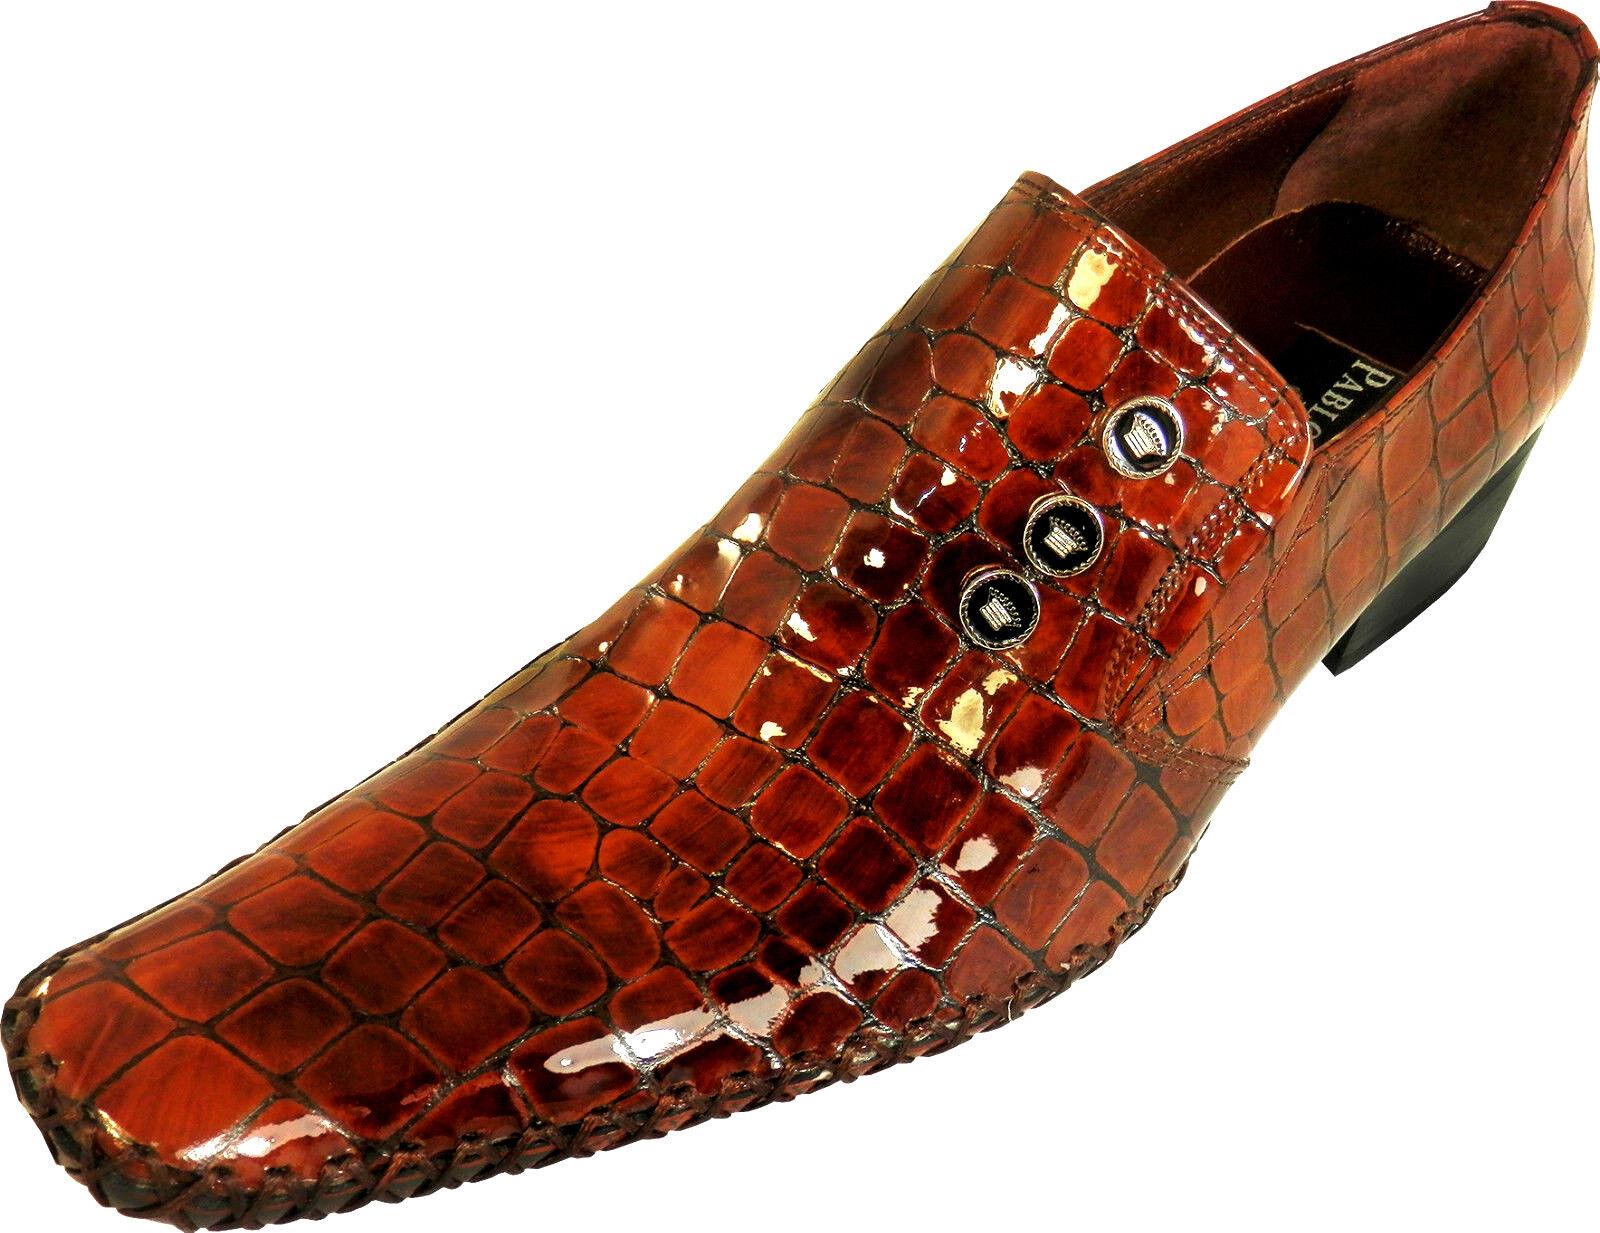 Pablo Picasso Diseñador de Cuero Auténtico Suela Correa Cocodrilo Zapato Hombre